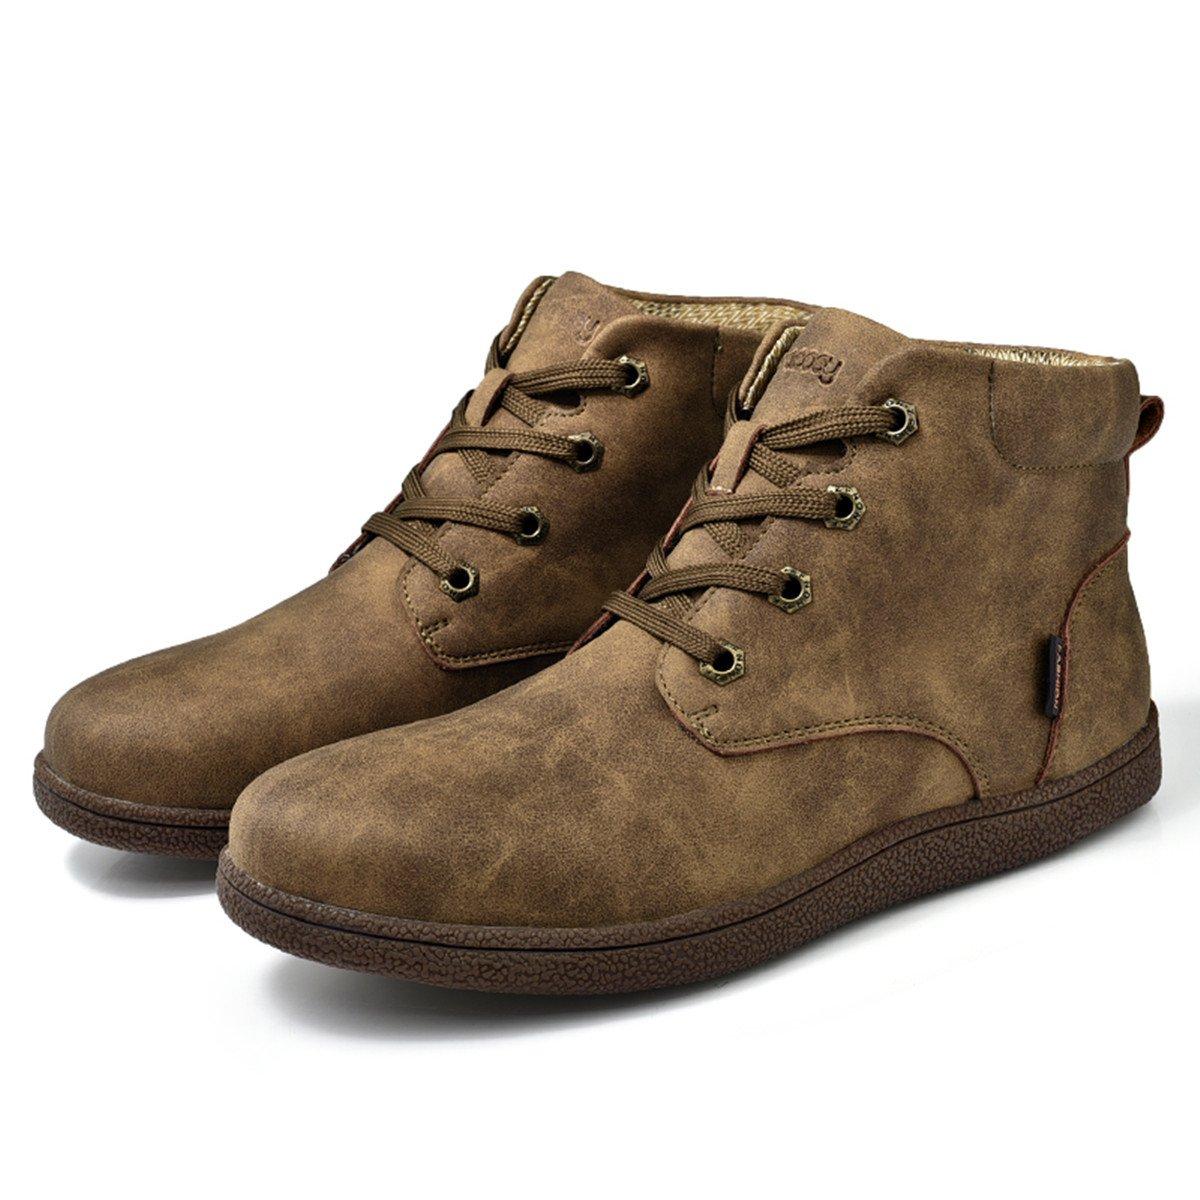 Botines Desert Hombre Invierno, Gracosy cuero Zapatos Botines de gamuza Botas de tobillo Botas Casuales desierto de ante Zapatos Deportes al aire libre Boots